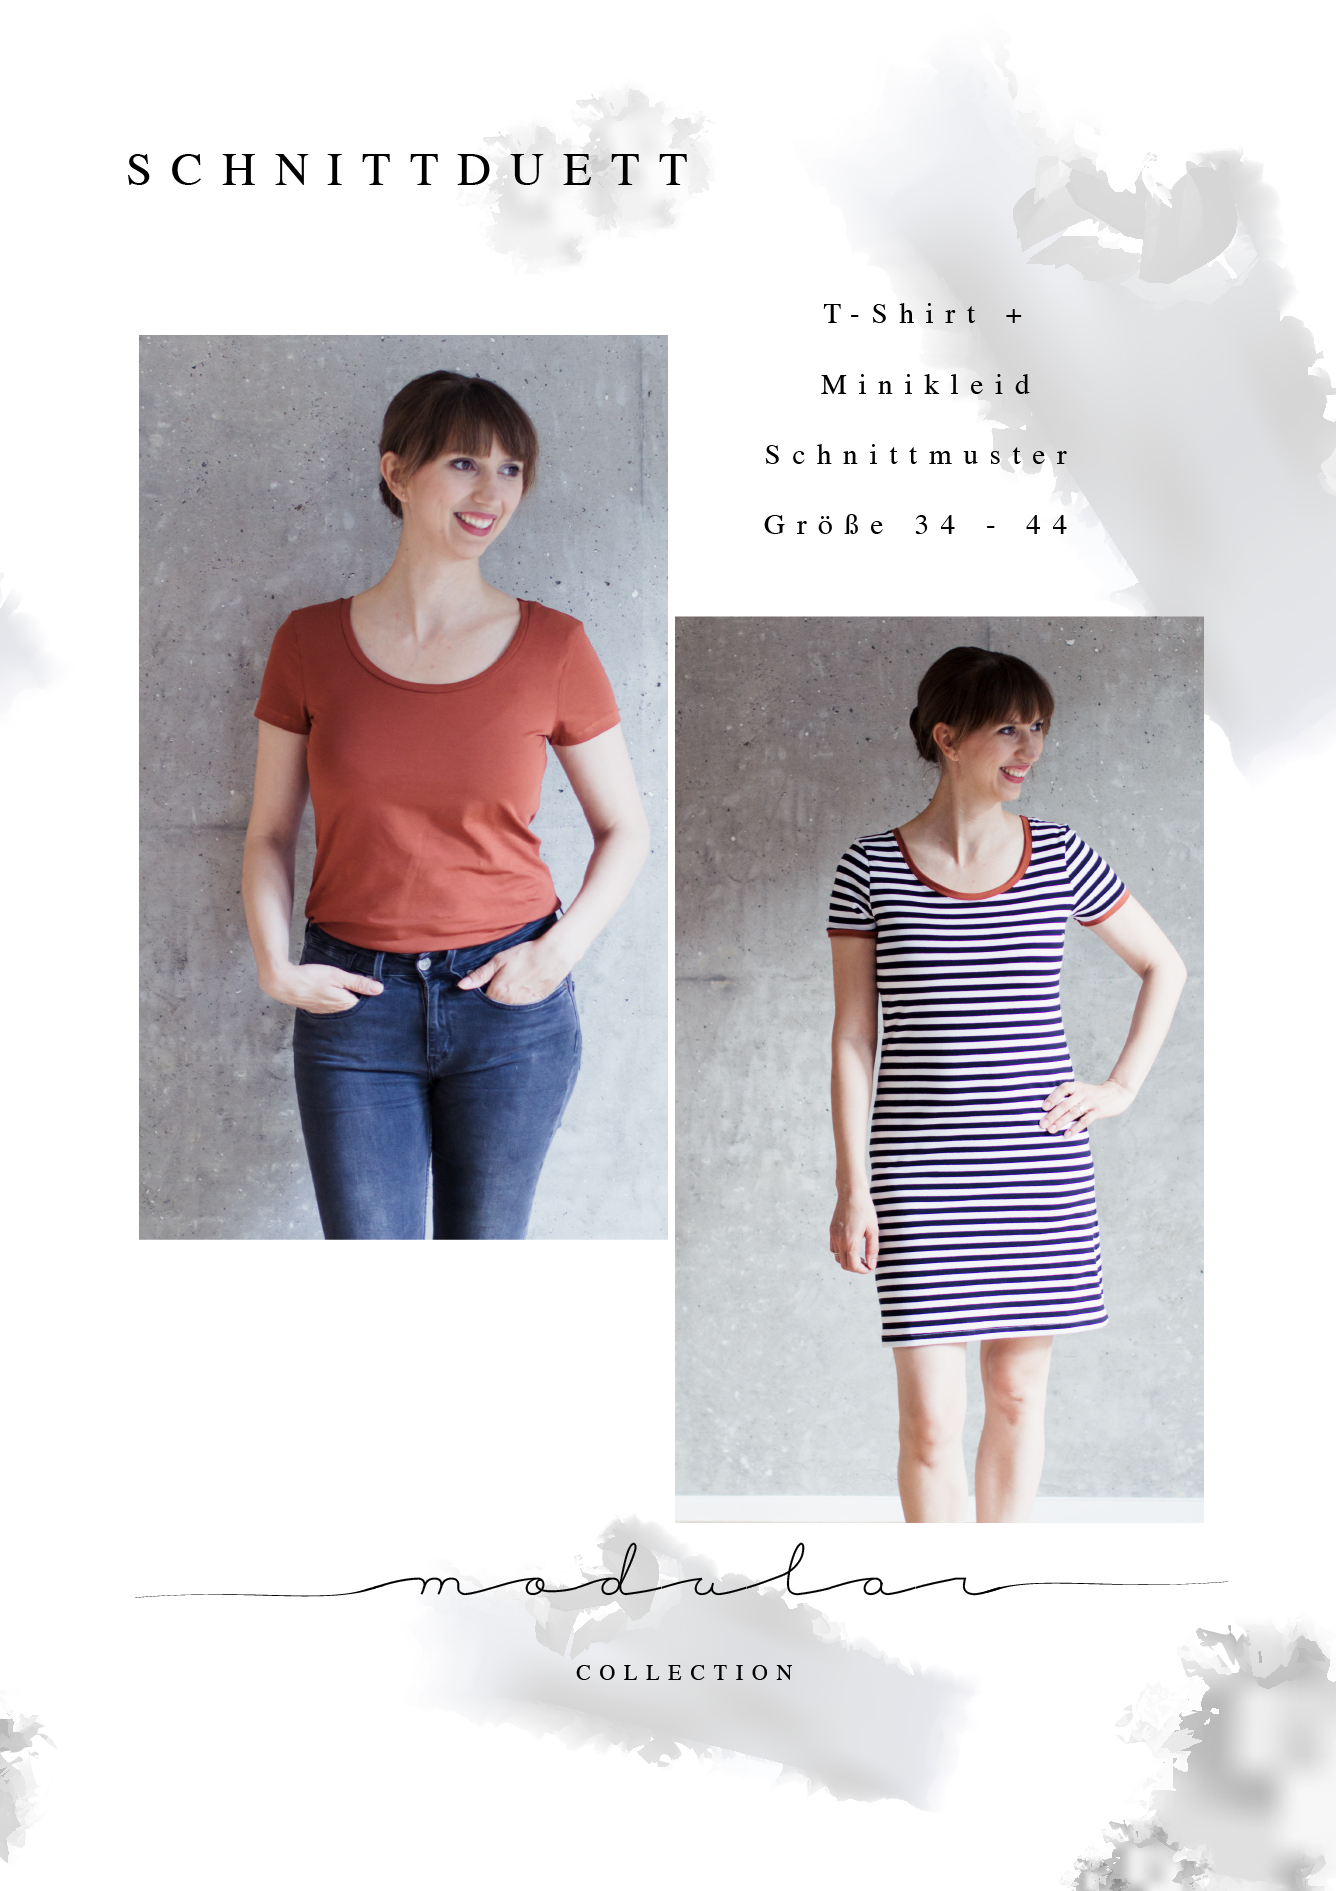 Klassisches T-Shirt und Shirt-Kleid nähen mit Schritt-für-Schritt Nähanleitung: Das Schnittmuster T-Shirt Damen und Minikleid der Modular Collection - Schnittduett - Moderne Schnittmuster für Frauen, die minimalistische Mode lieben